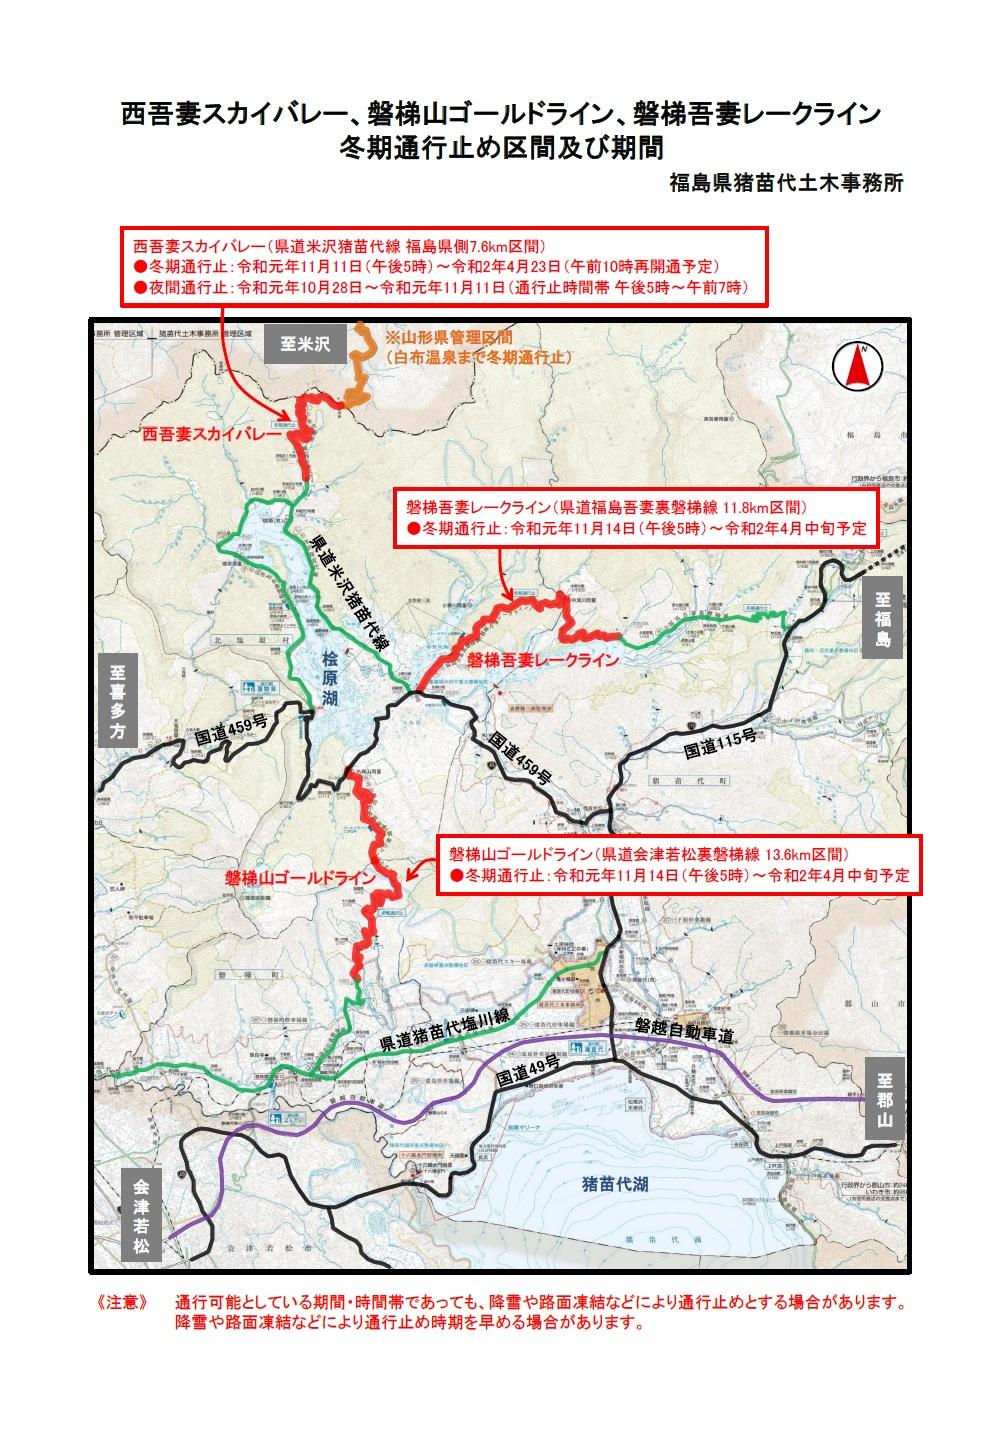 西吾妻スカイバレー、磐梯山ゴールドライン、磐梯吾妻レークラインの冬期通行止めについて